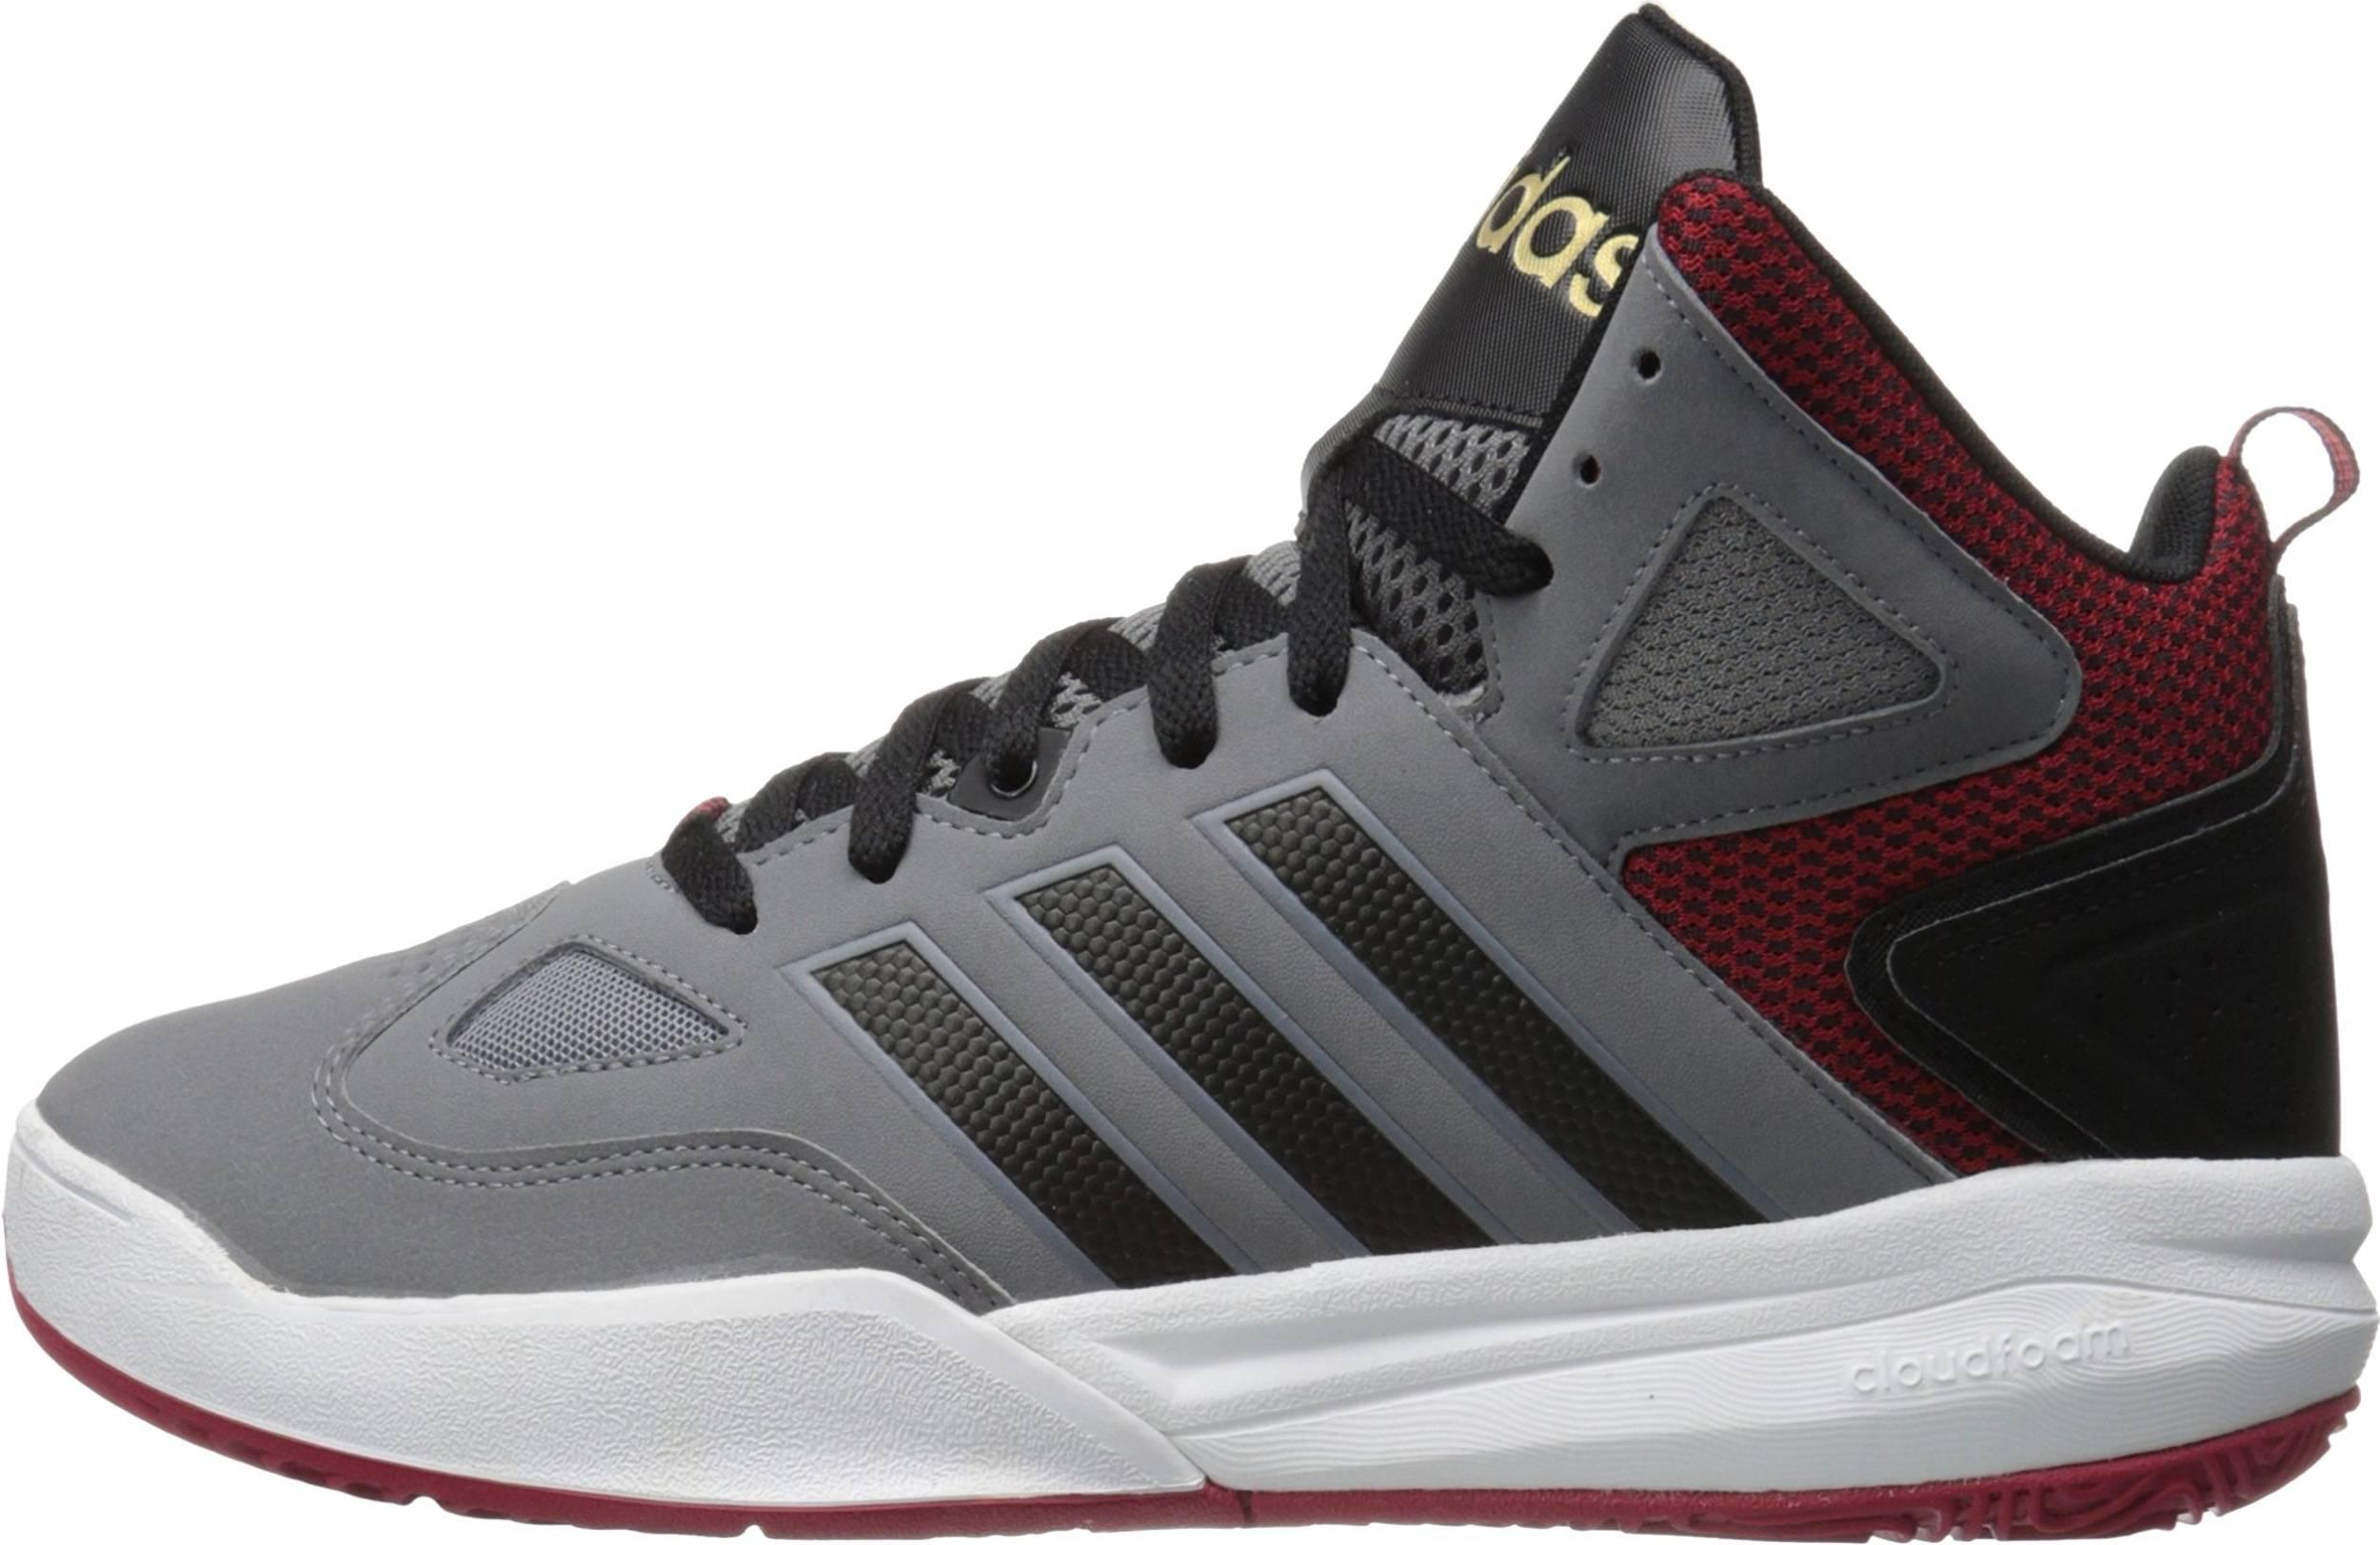 Declaración Adición Tibio  Adidas Cloudfoam Thunder Mid sneakers in grey | RunRepeat